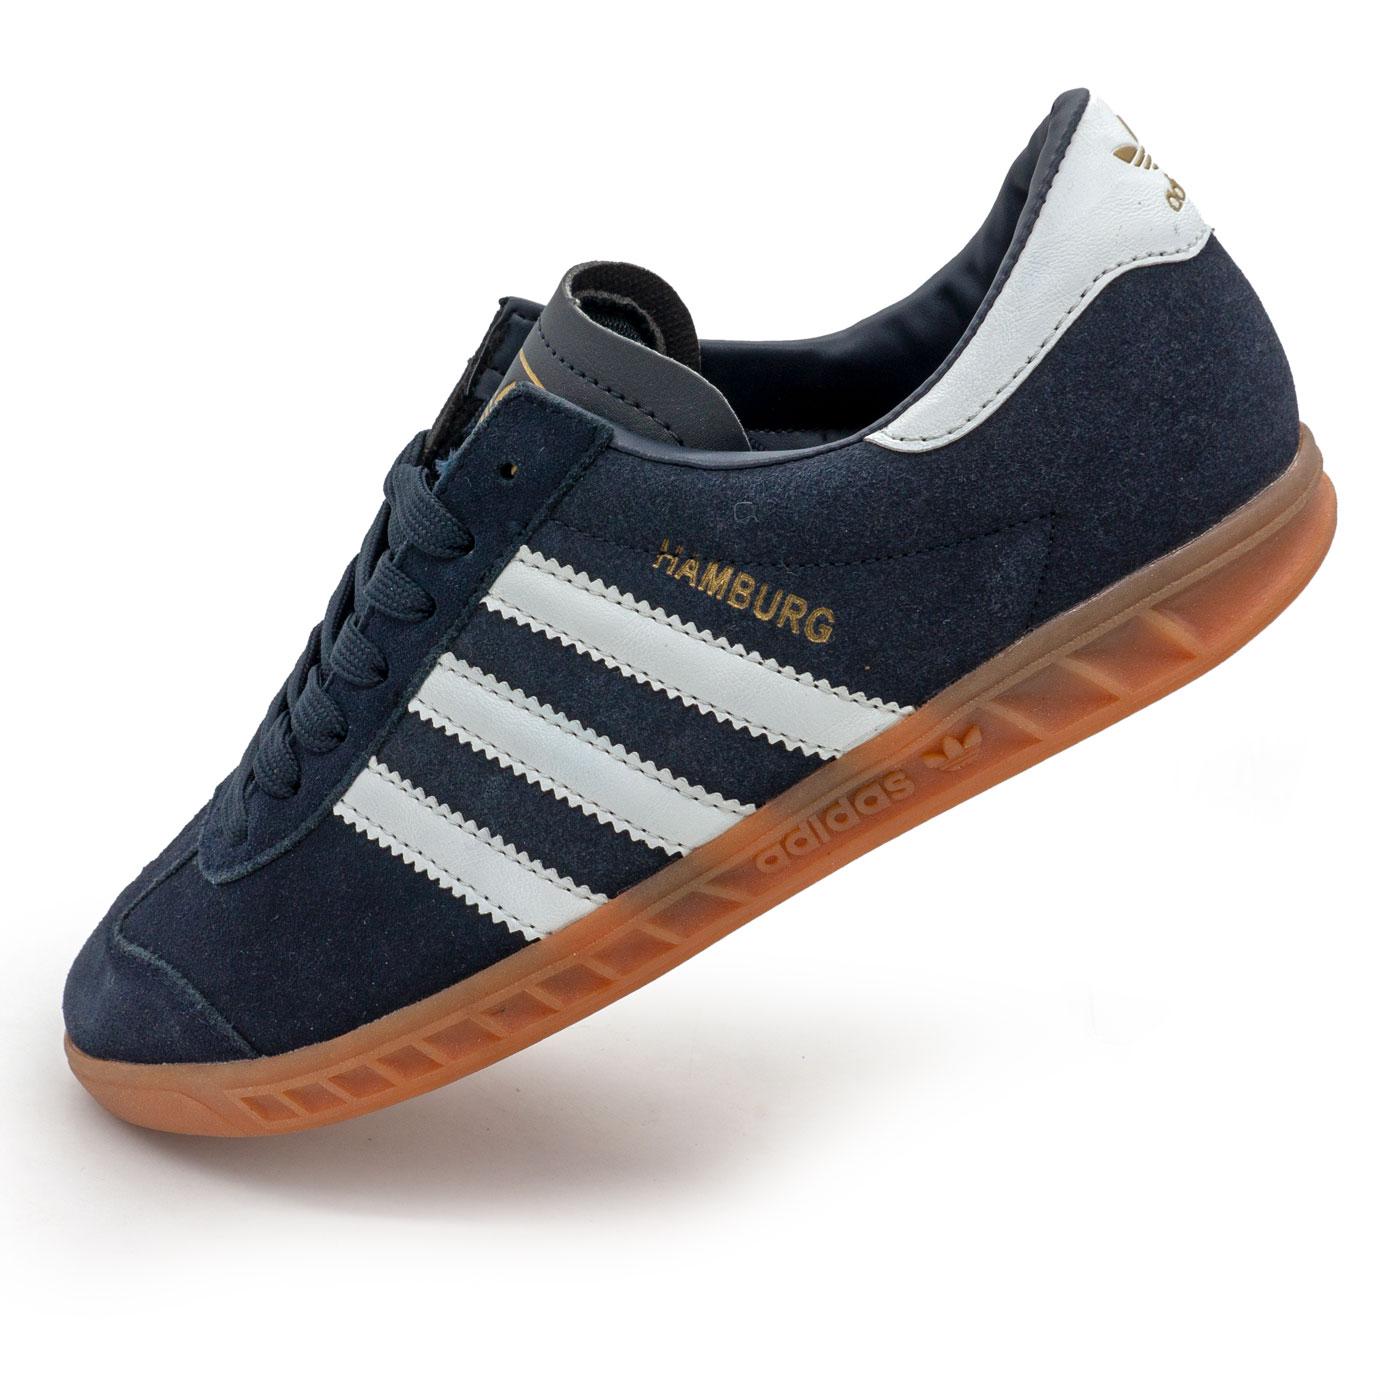 фото main Кроссовки Adidas Hamburg темно синие - Натуральная замша - Топ качество! main